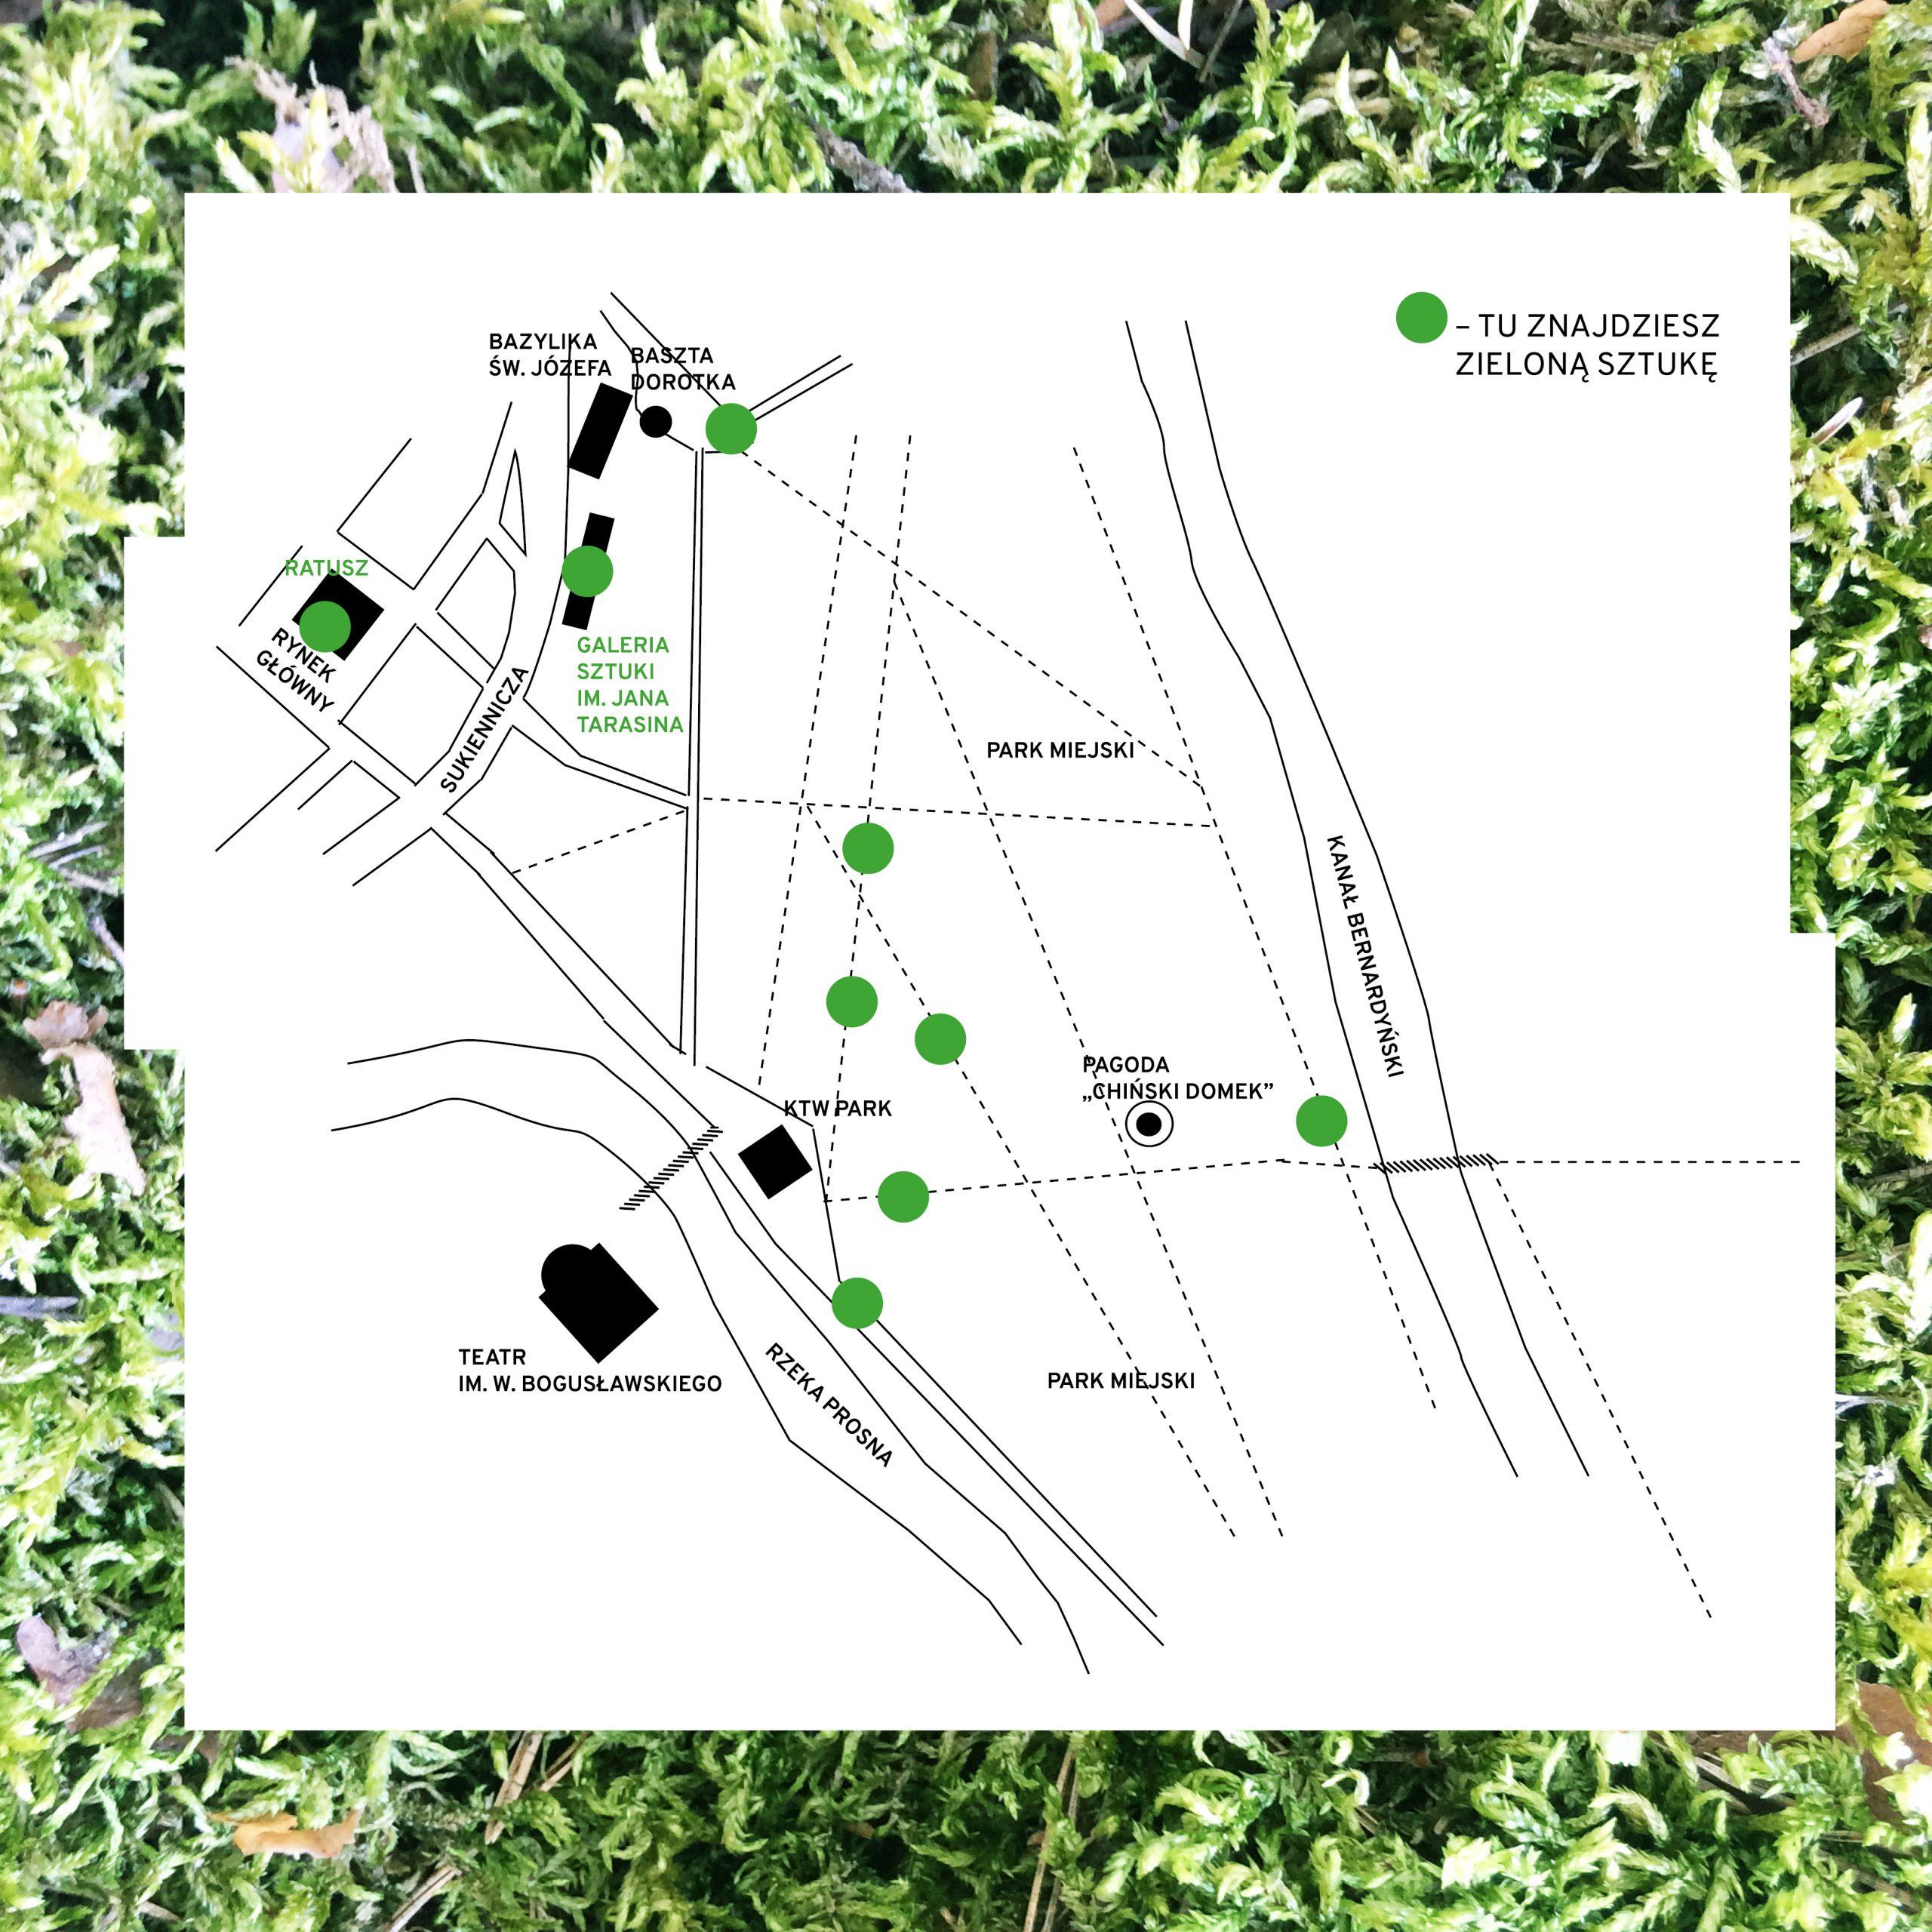 mapka-lokalizacji-prac_wystawa-poplenerowa-zielona-sztuka-5